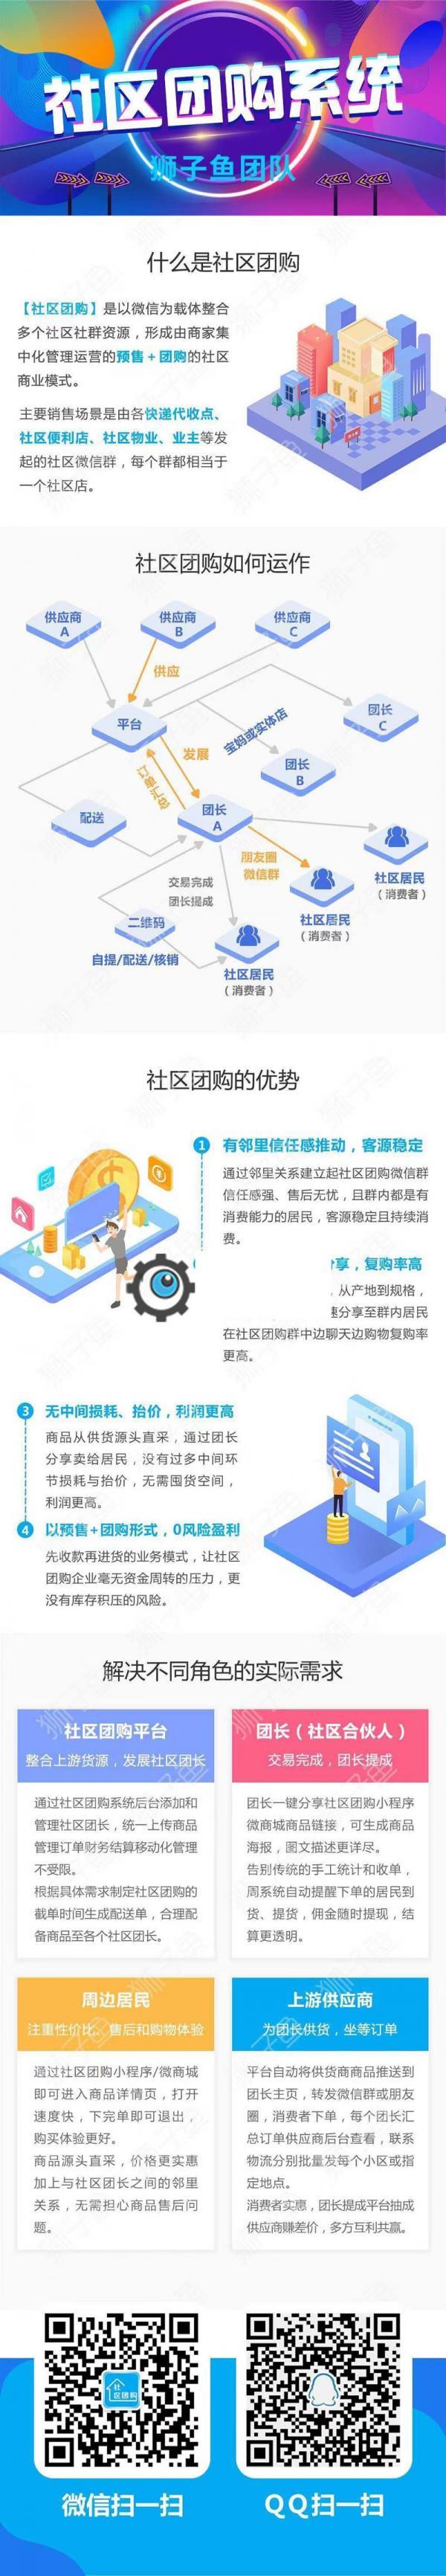 【最新亲测】独立版狮子鱼V11.6.1社区团购小程序完整安装包附使用教程-52资源网